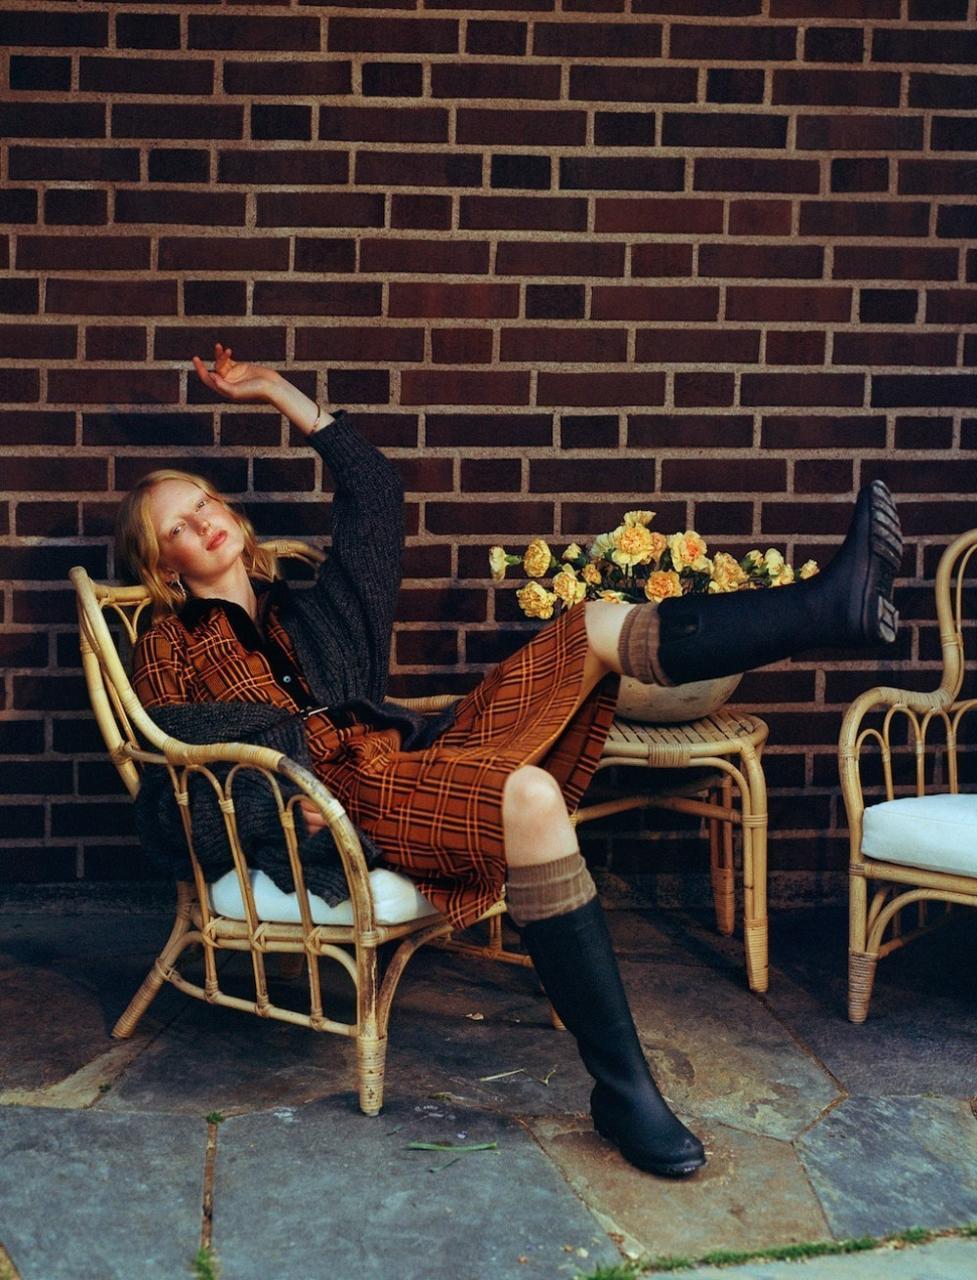 瑞典《ELLE》2018年11月刊 强烈的色彩冲击人像 时尚图库 第8张